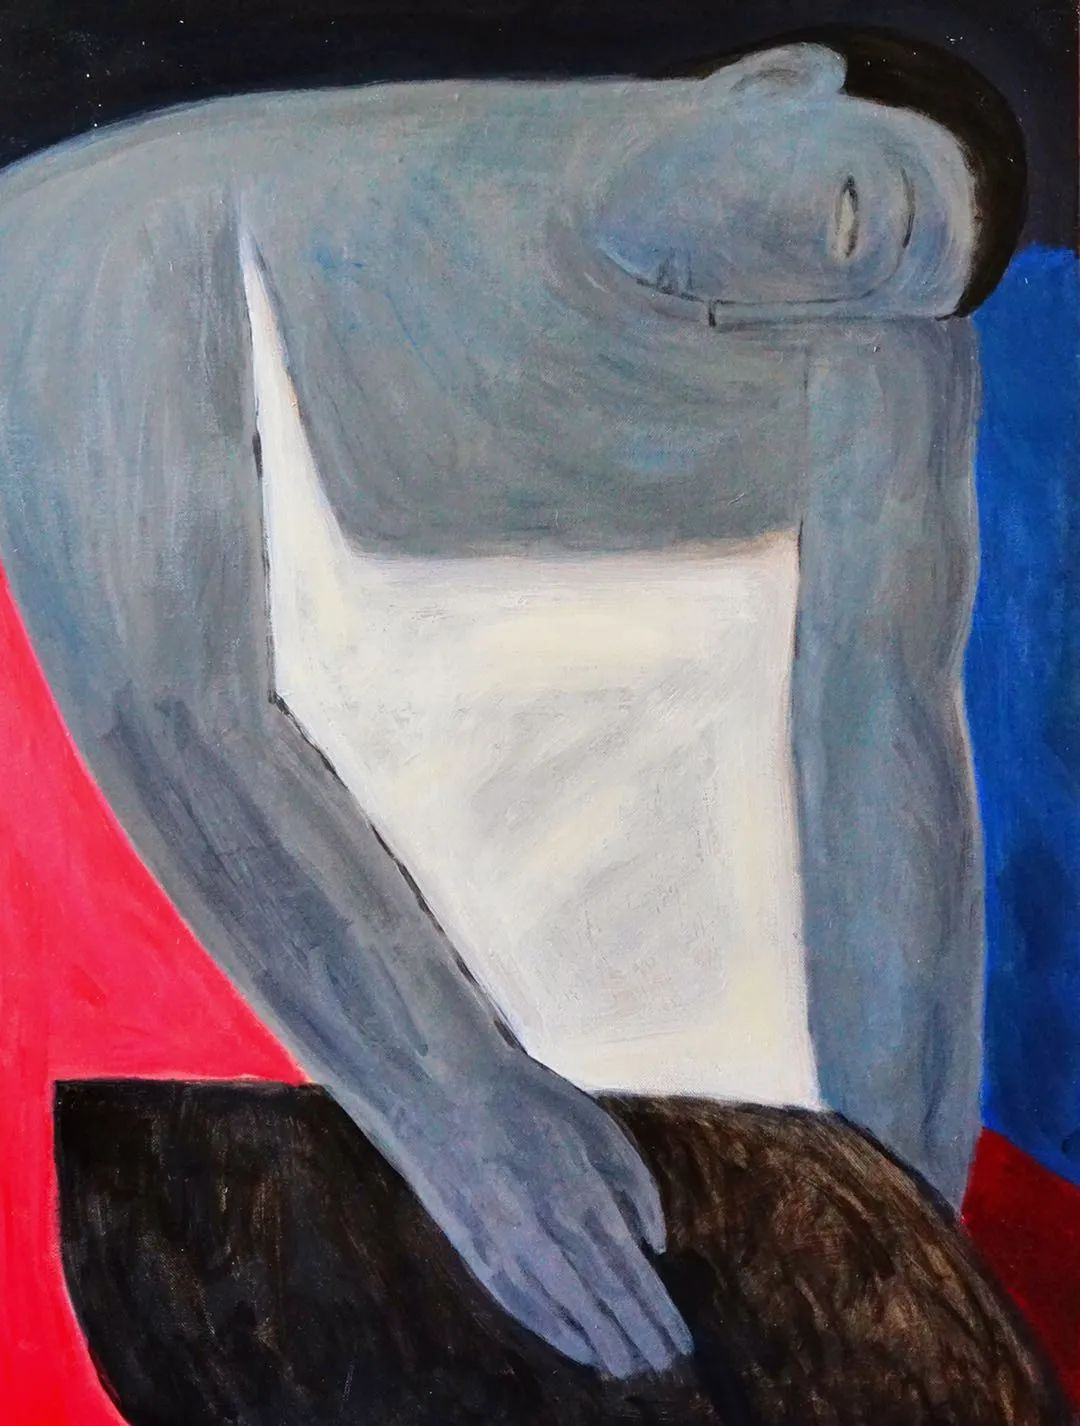 莫日根   用绘画寻找灵魂栖居之所 第19张 莫日根   用绘画寻找灵魂栖居之所 蒙古画廊